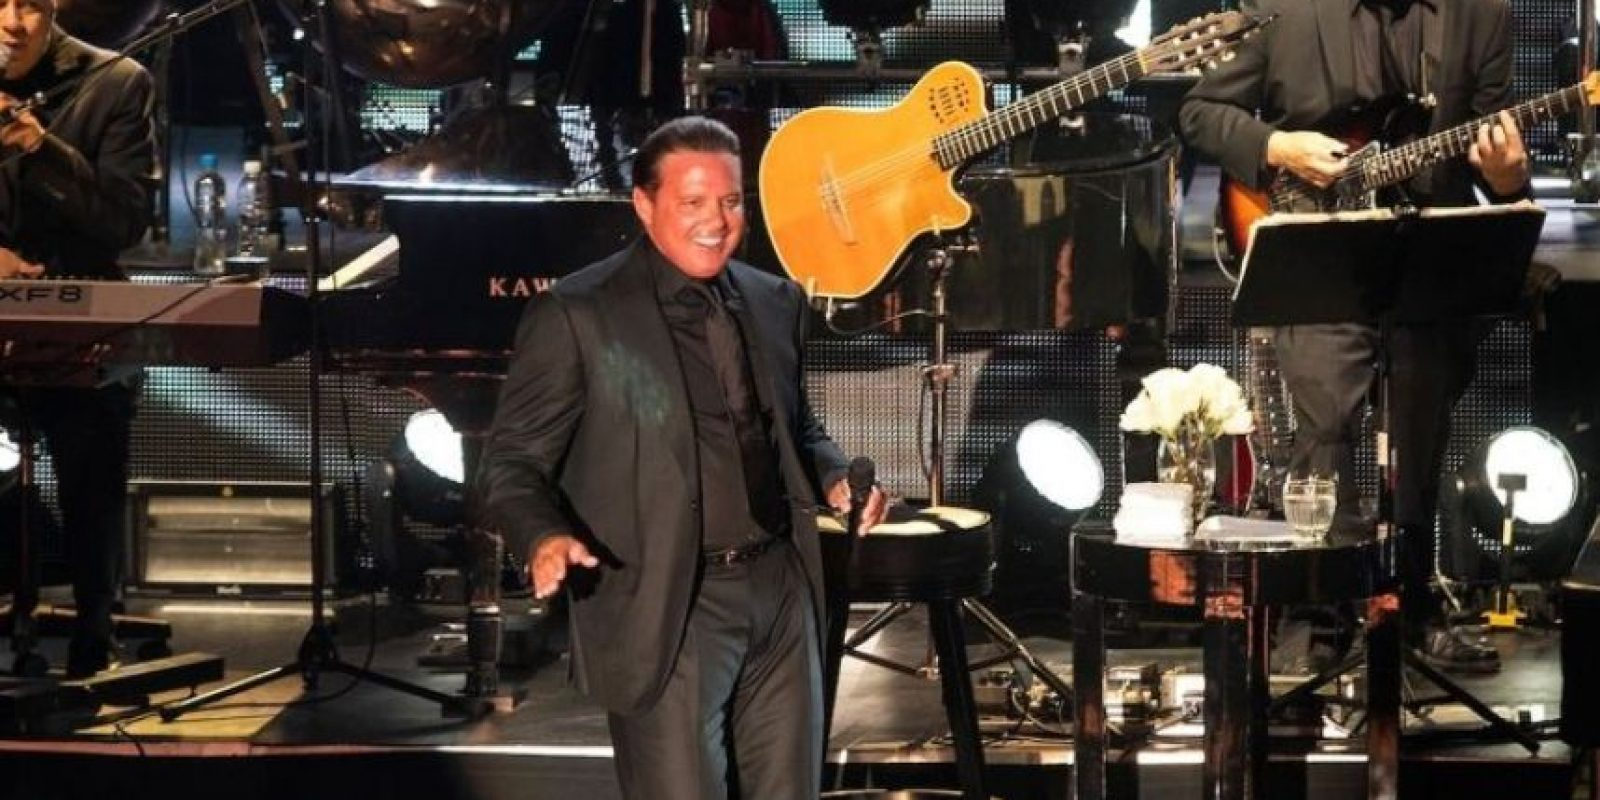 SEPTIEMBRE: Durante su show en Las Vegas, el cantante estaba más que preparado para entregarse a su público, pero al recinto solo llegaron el 60% de las personas. Foto:Grosby Group